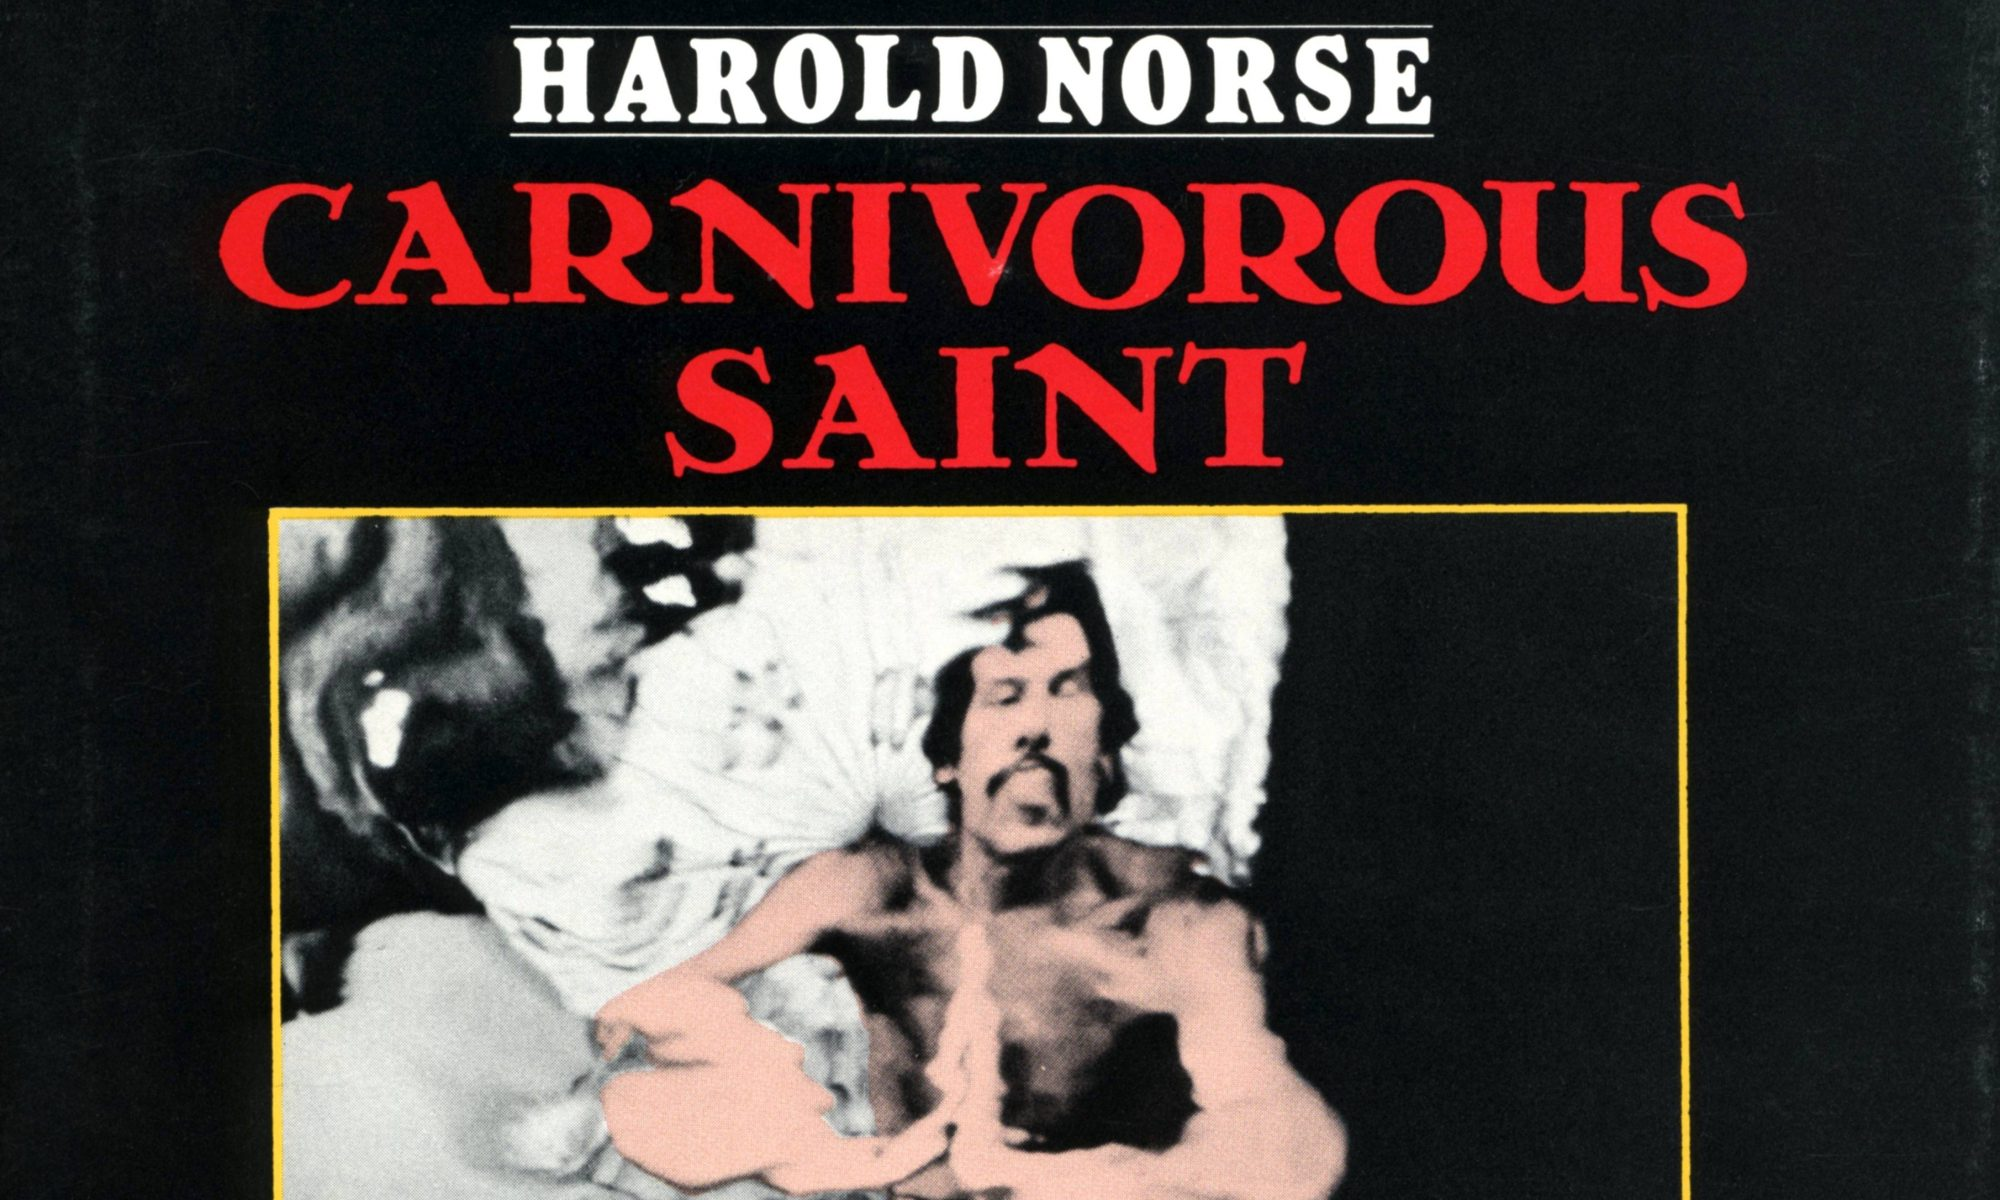 Harold Norse